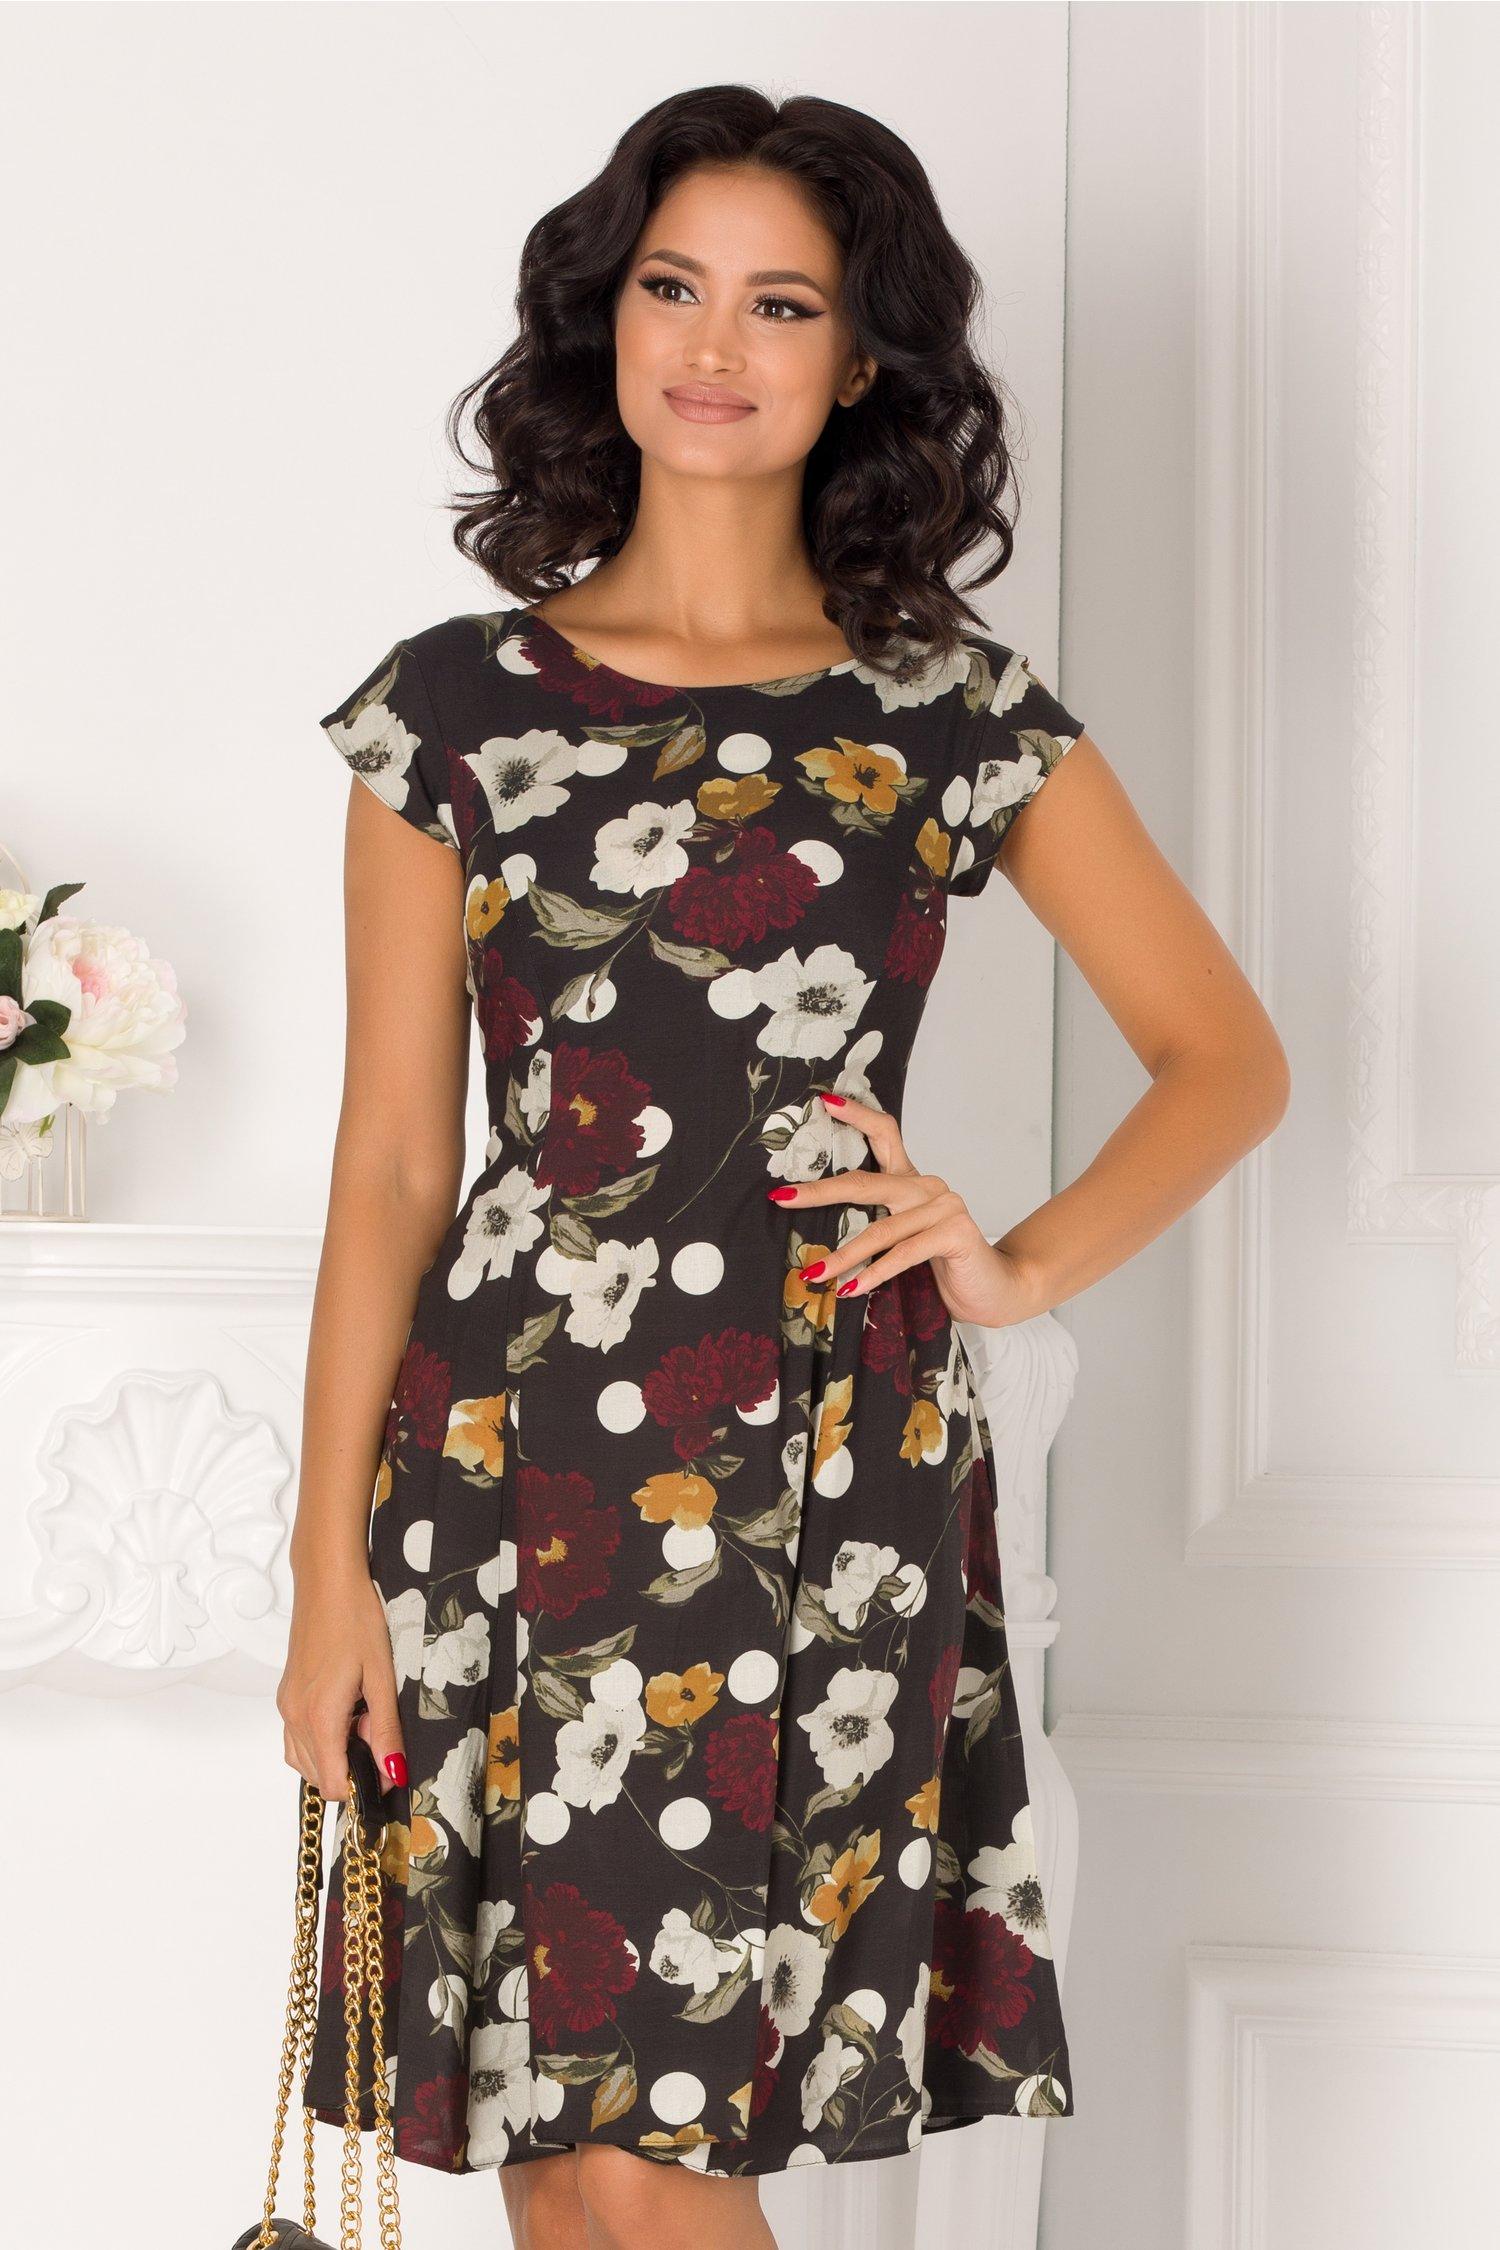 Rochie Ann neagra cu imprimeu floral